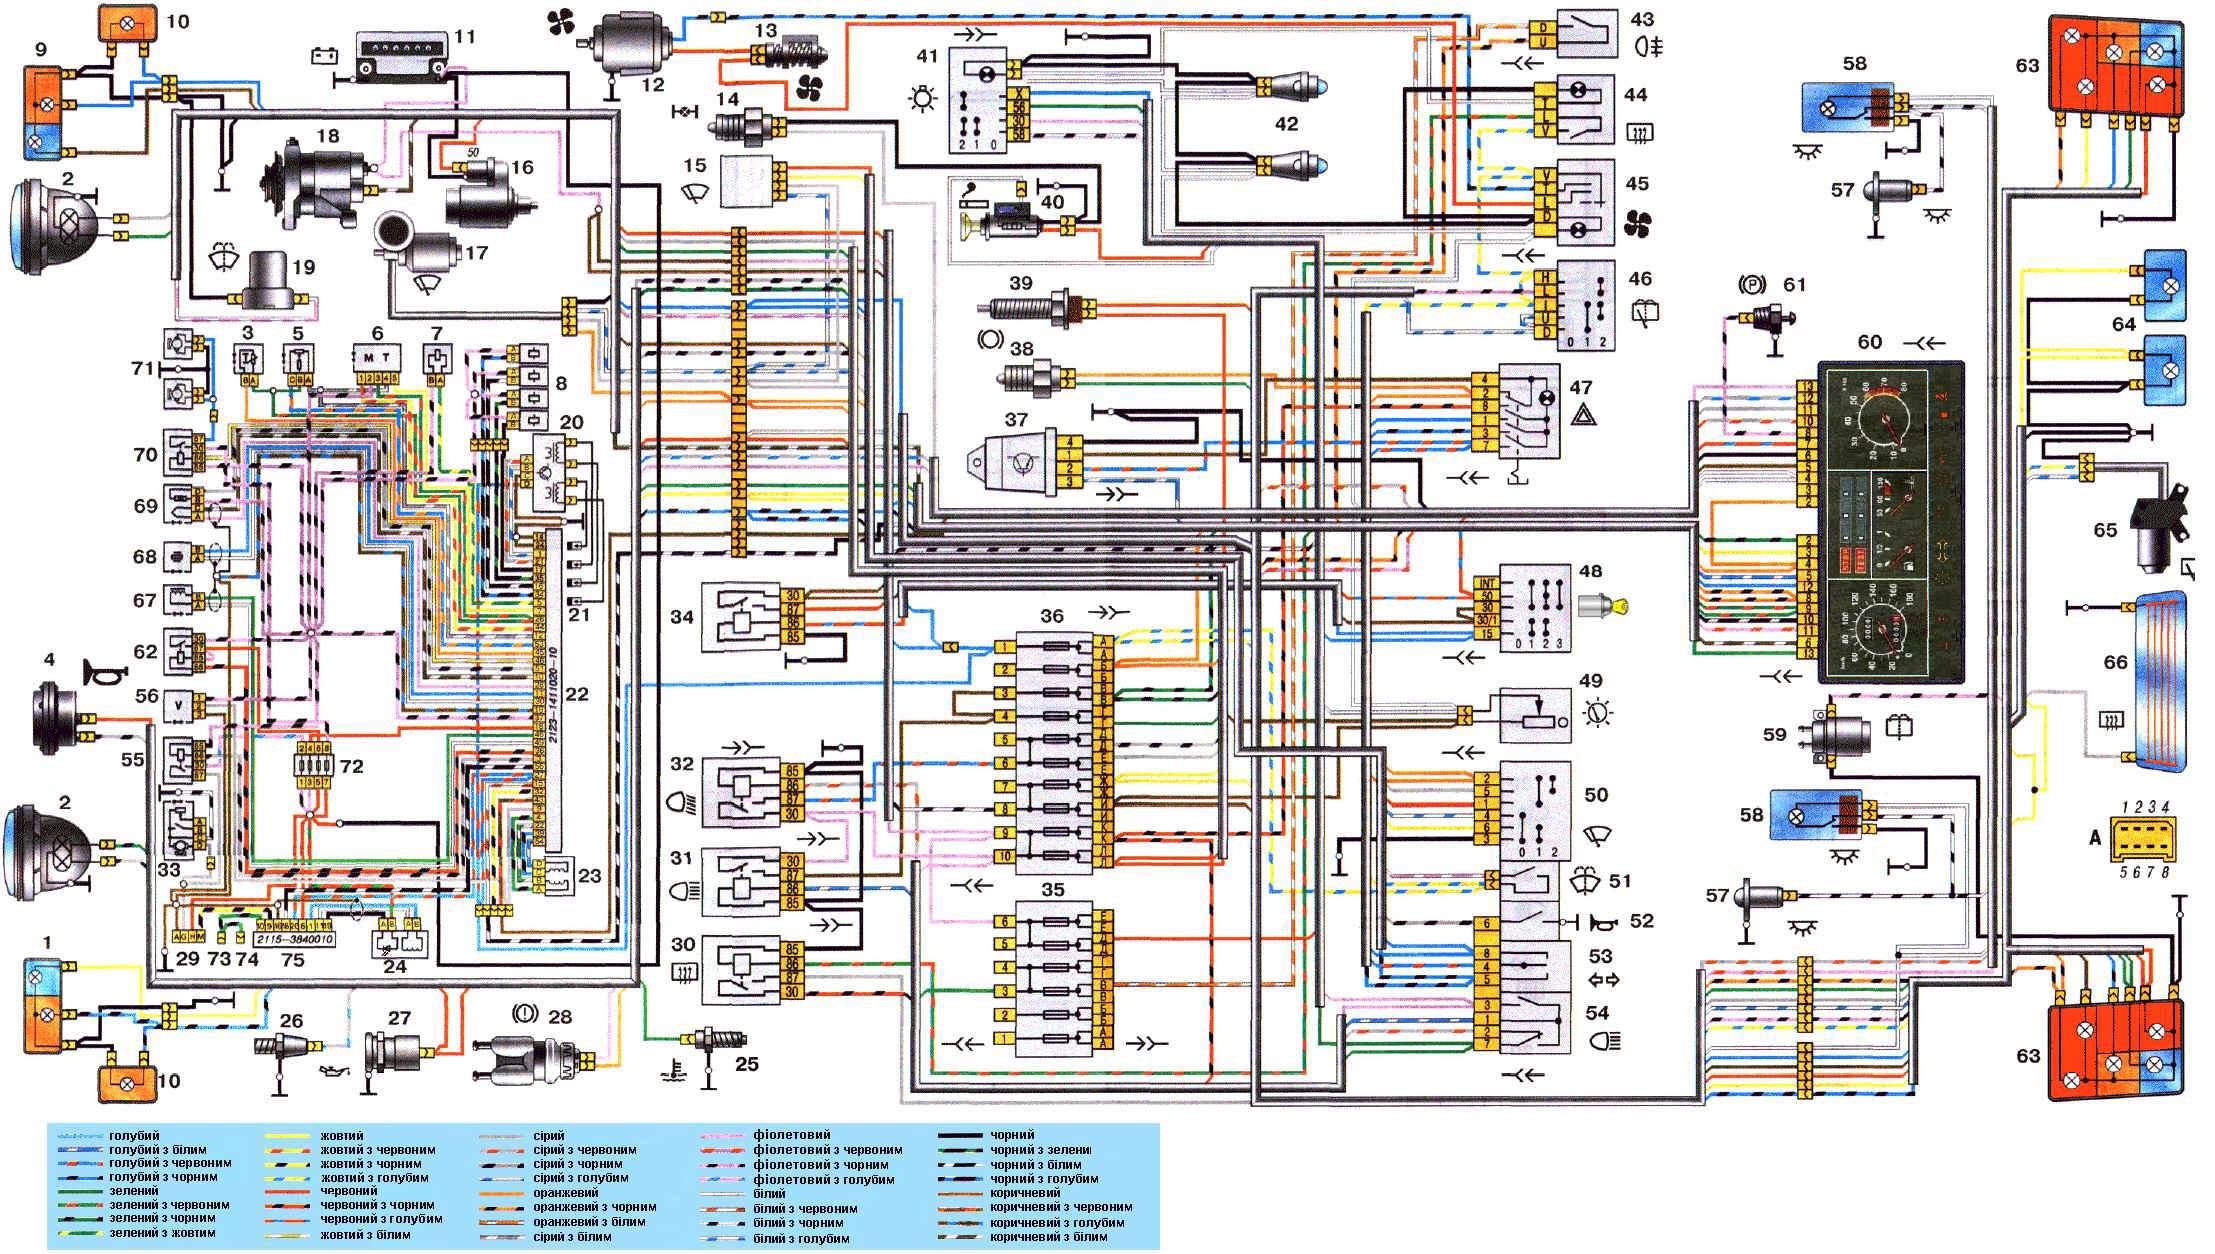 По клику на картинку ниже откроется схема электрооборудования ВАЗ-21214 (НИВА) в большом разрешении.